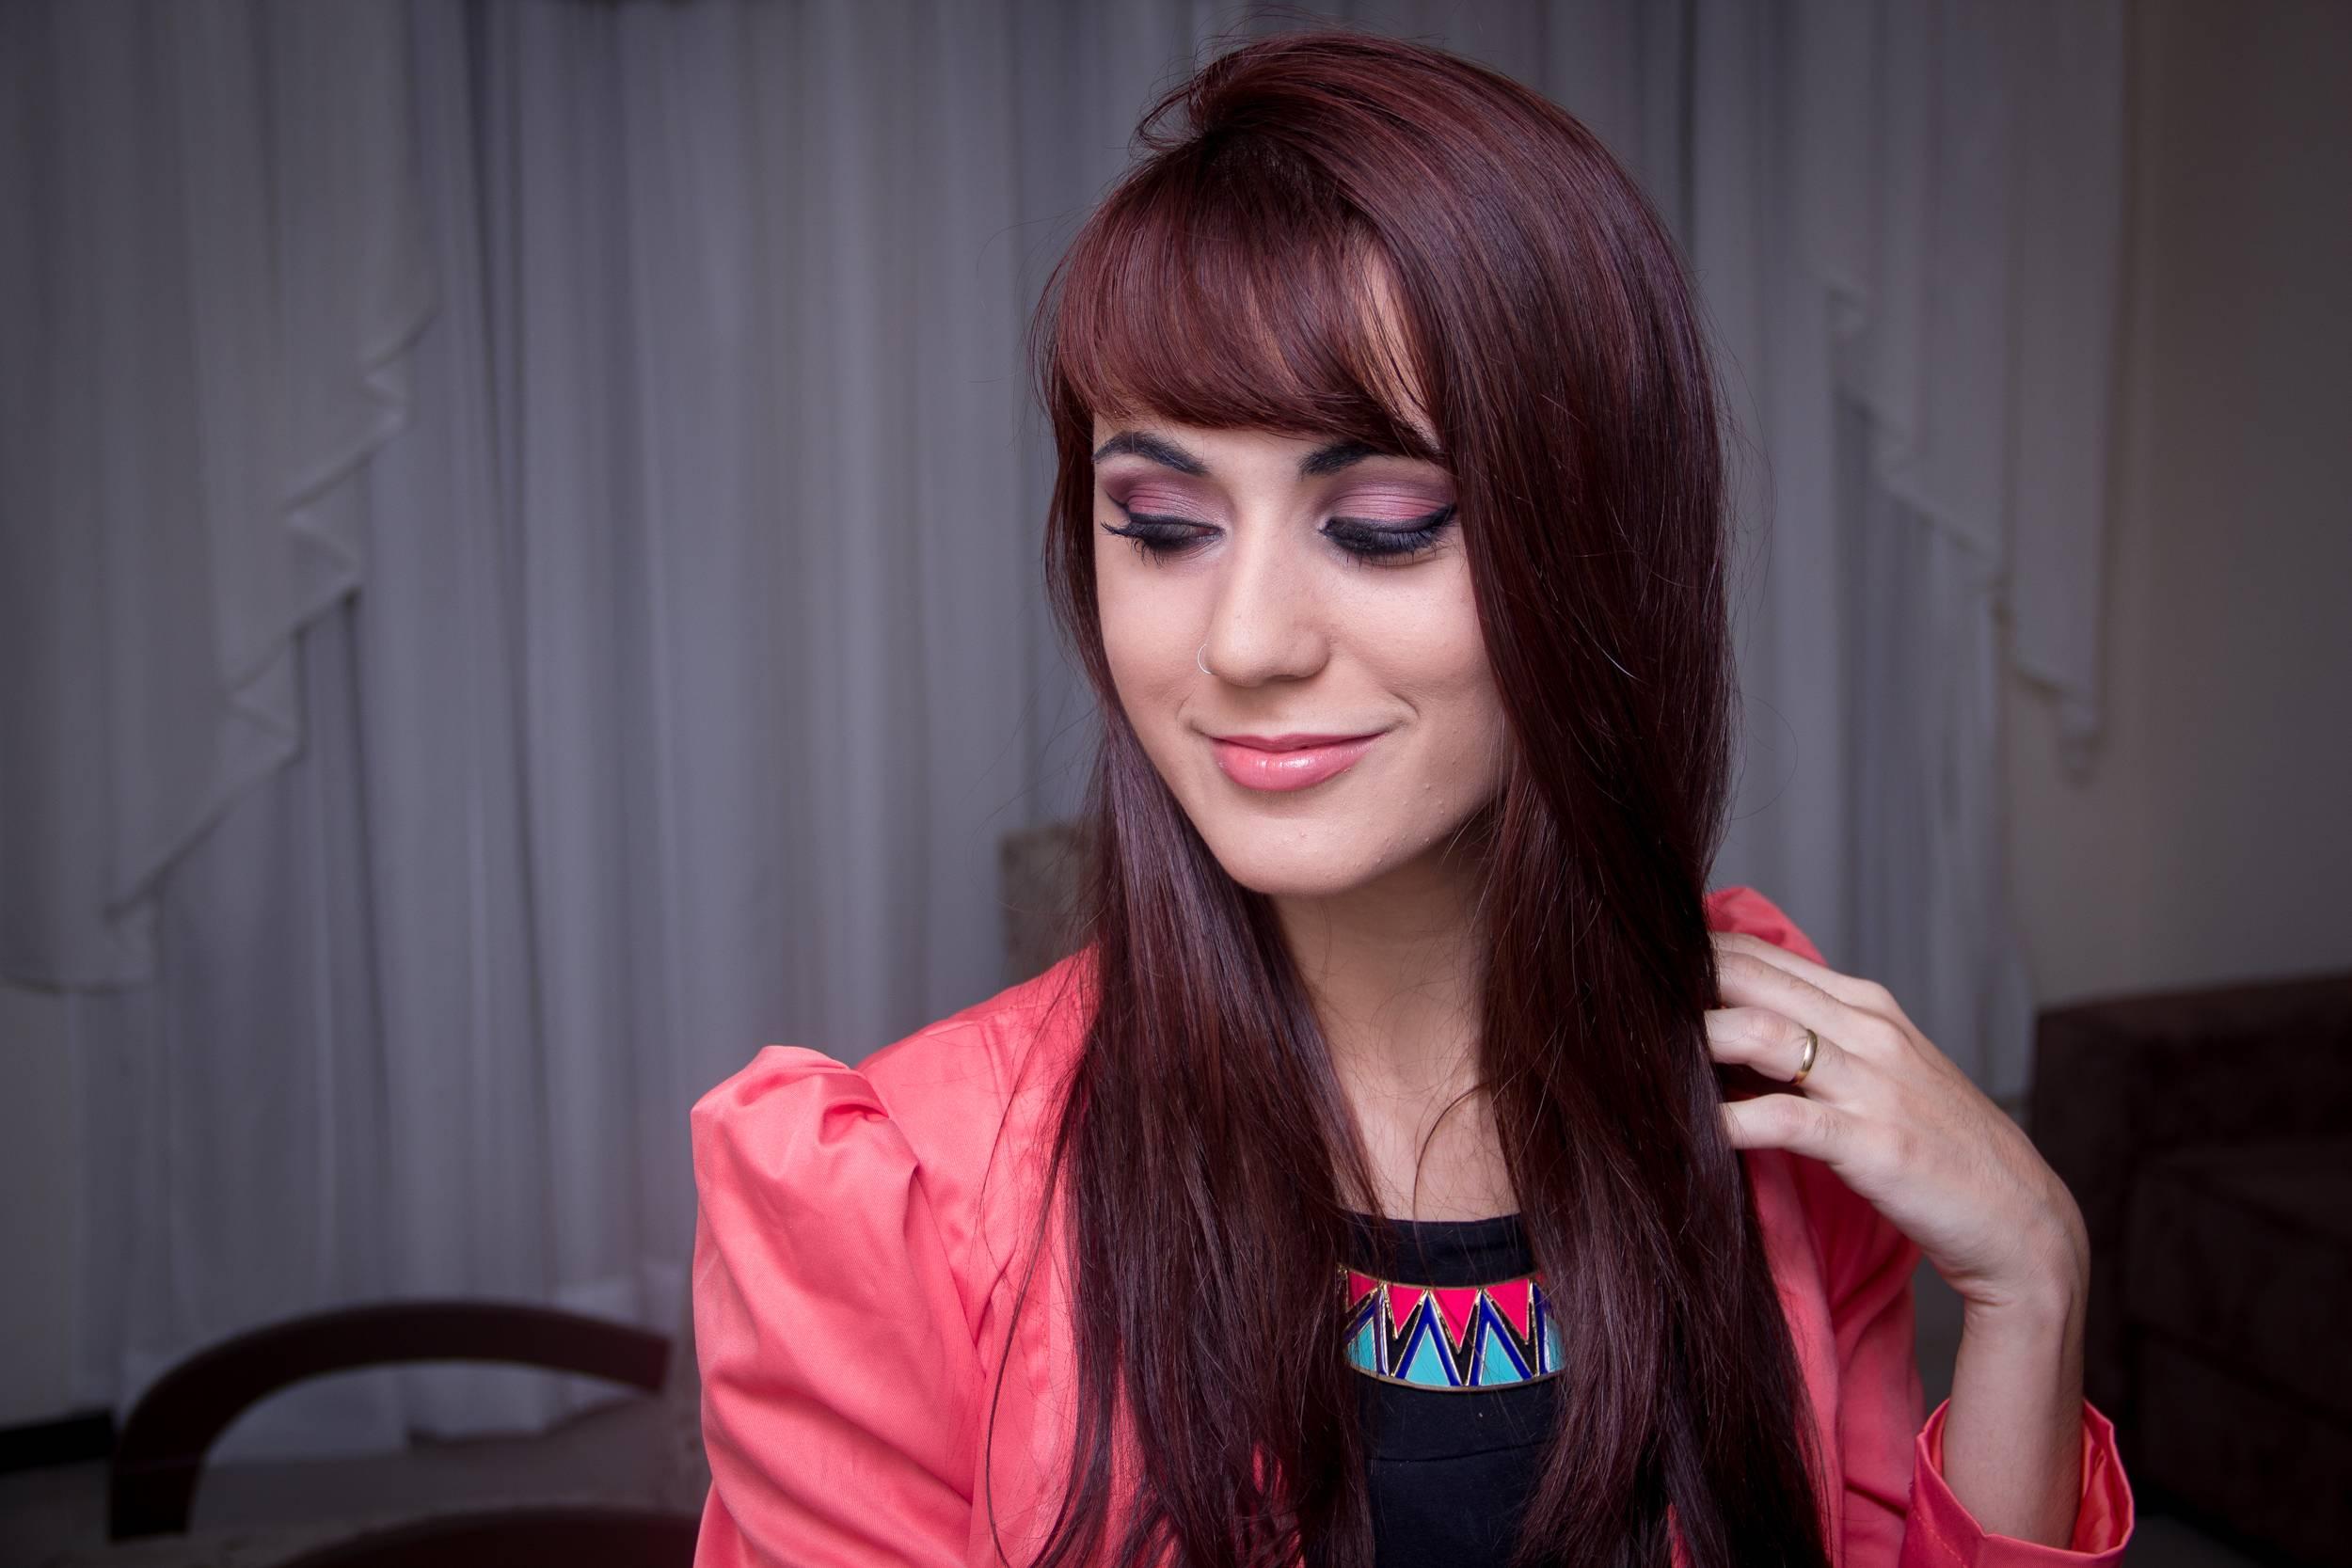 """Foto: Reprodução / <a href=""""http://janamakeup.com.br/tutorial-make-para-ruivas/"""" target=""""_blank"""">Jana Make Up</a>"""